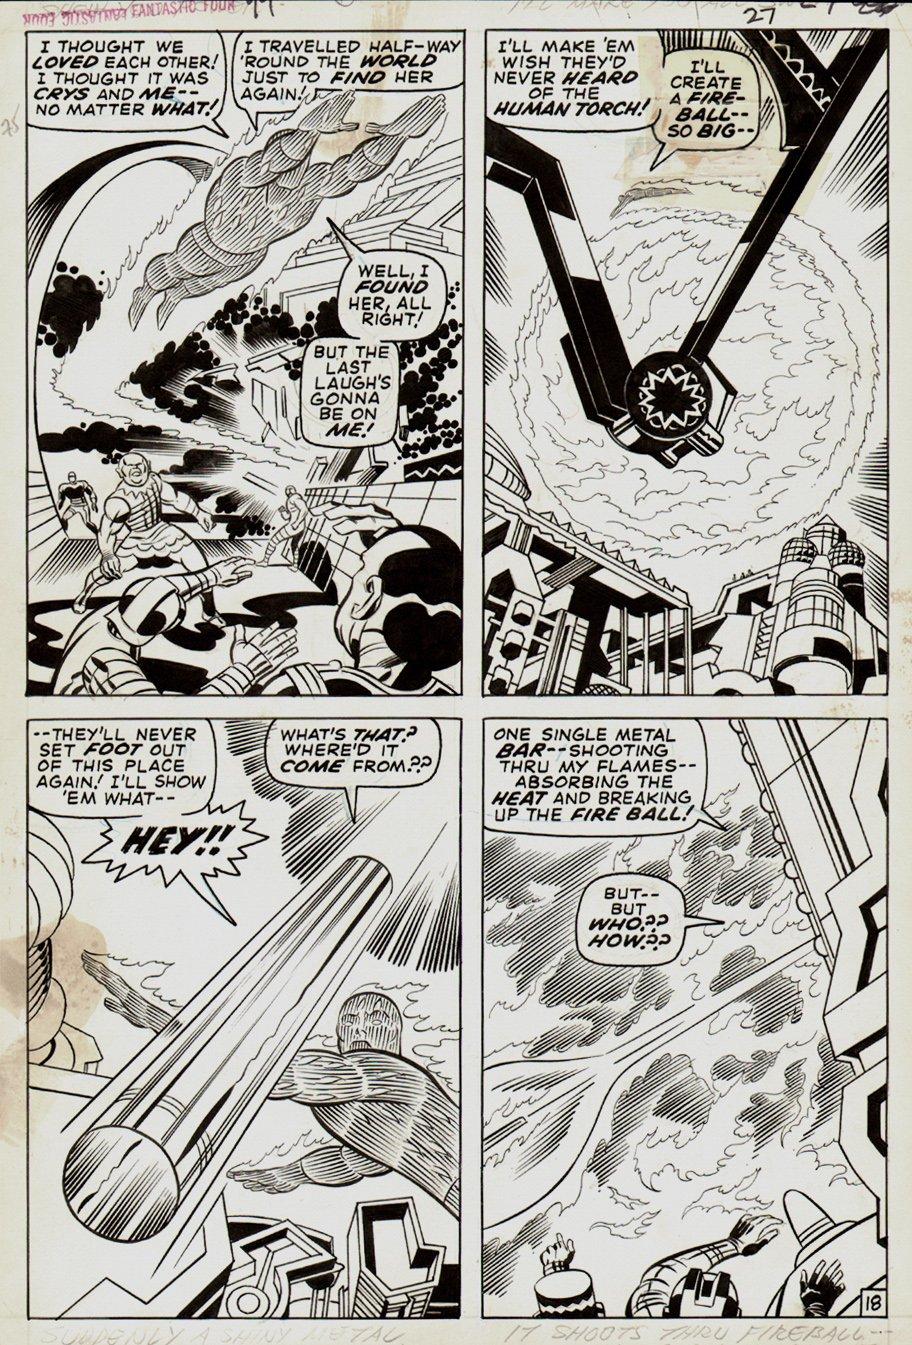 Fantastic Four #99 p 18 (1970)